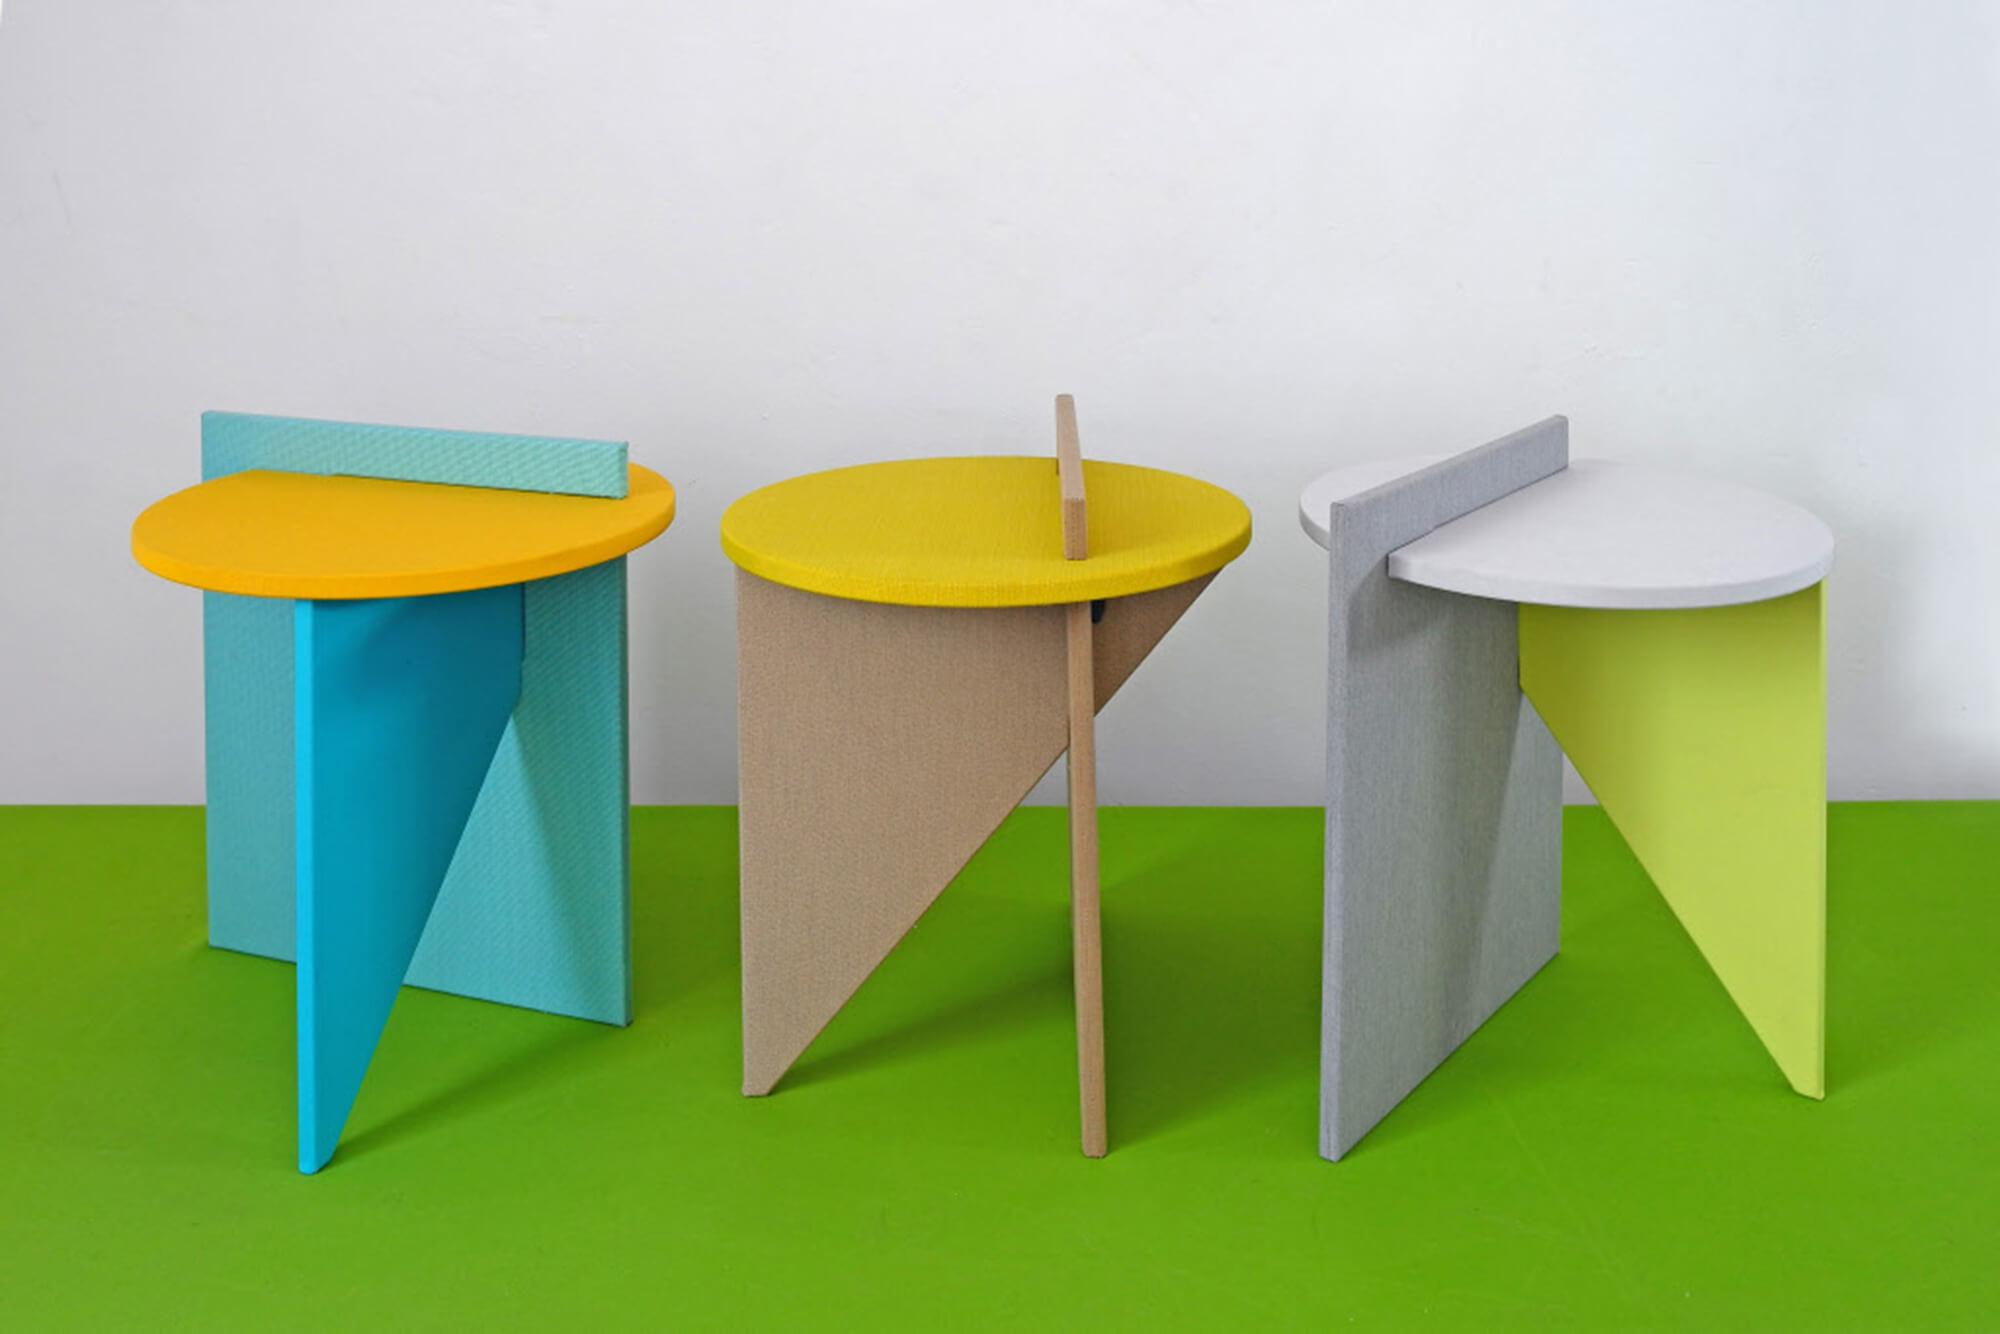 Mesas laterais em azul, amarelo e verde criadas pelo Atelier Lavit